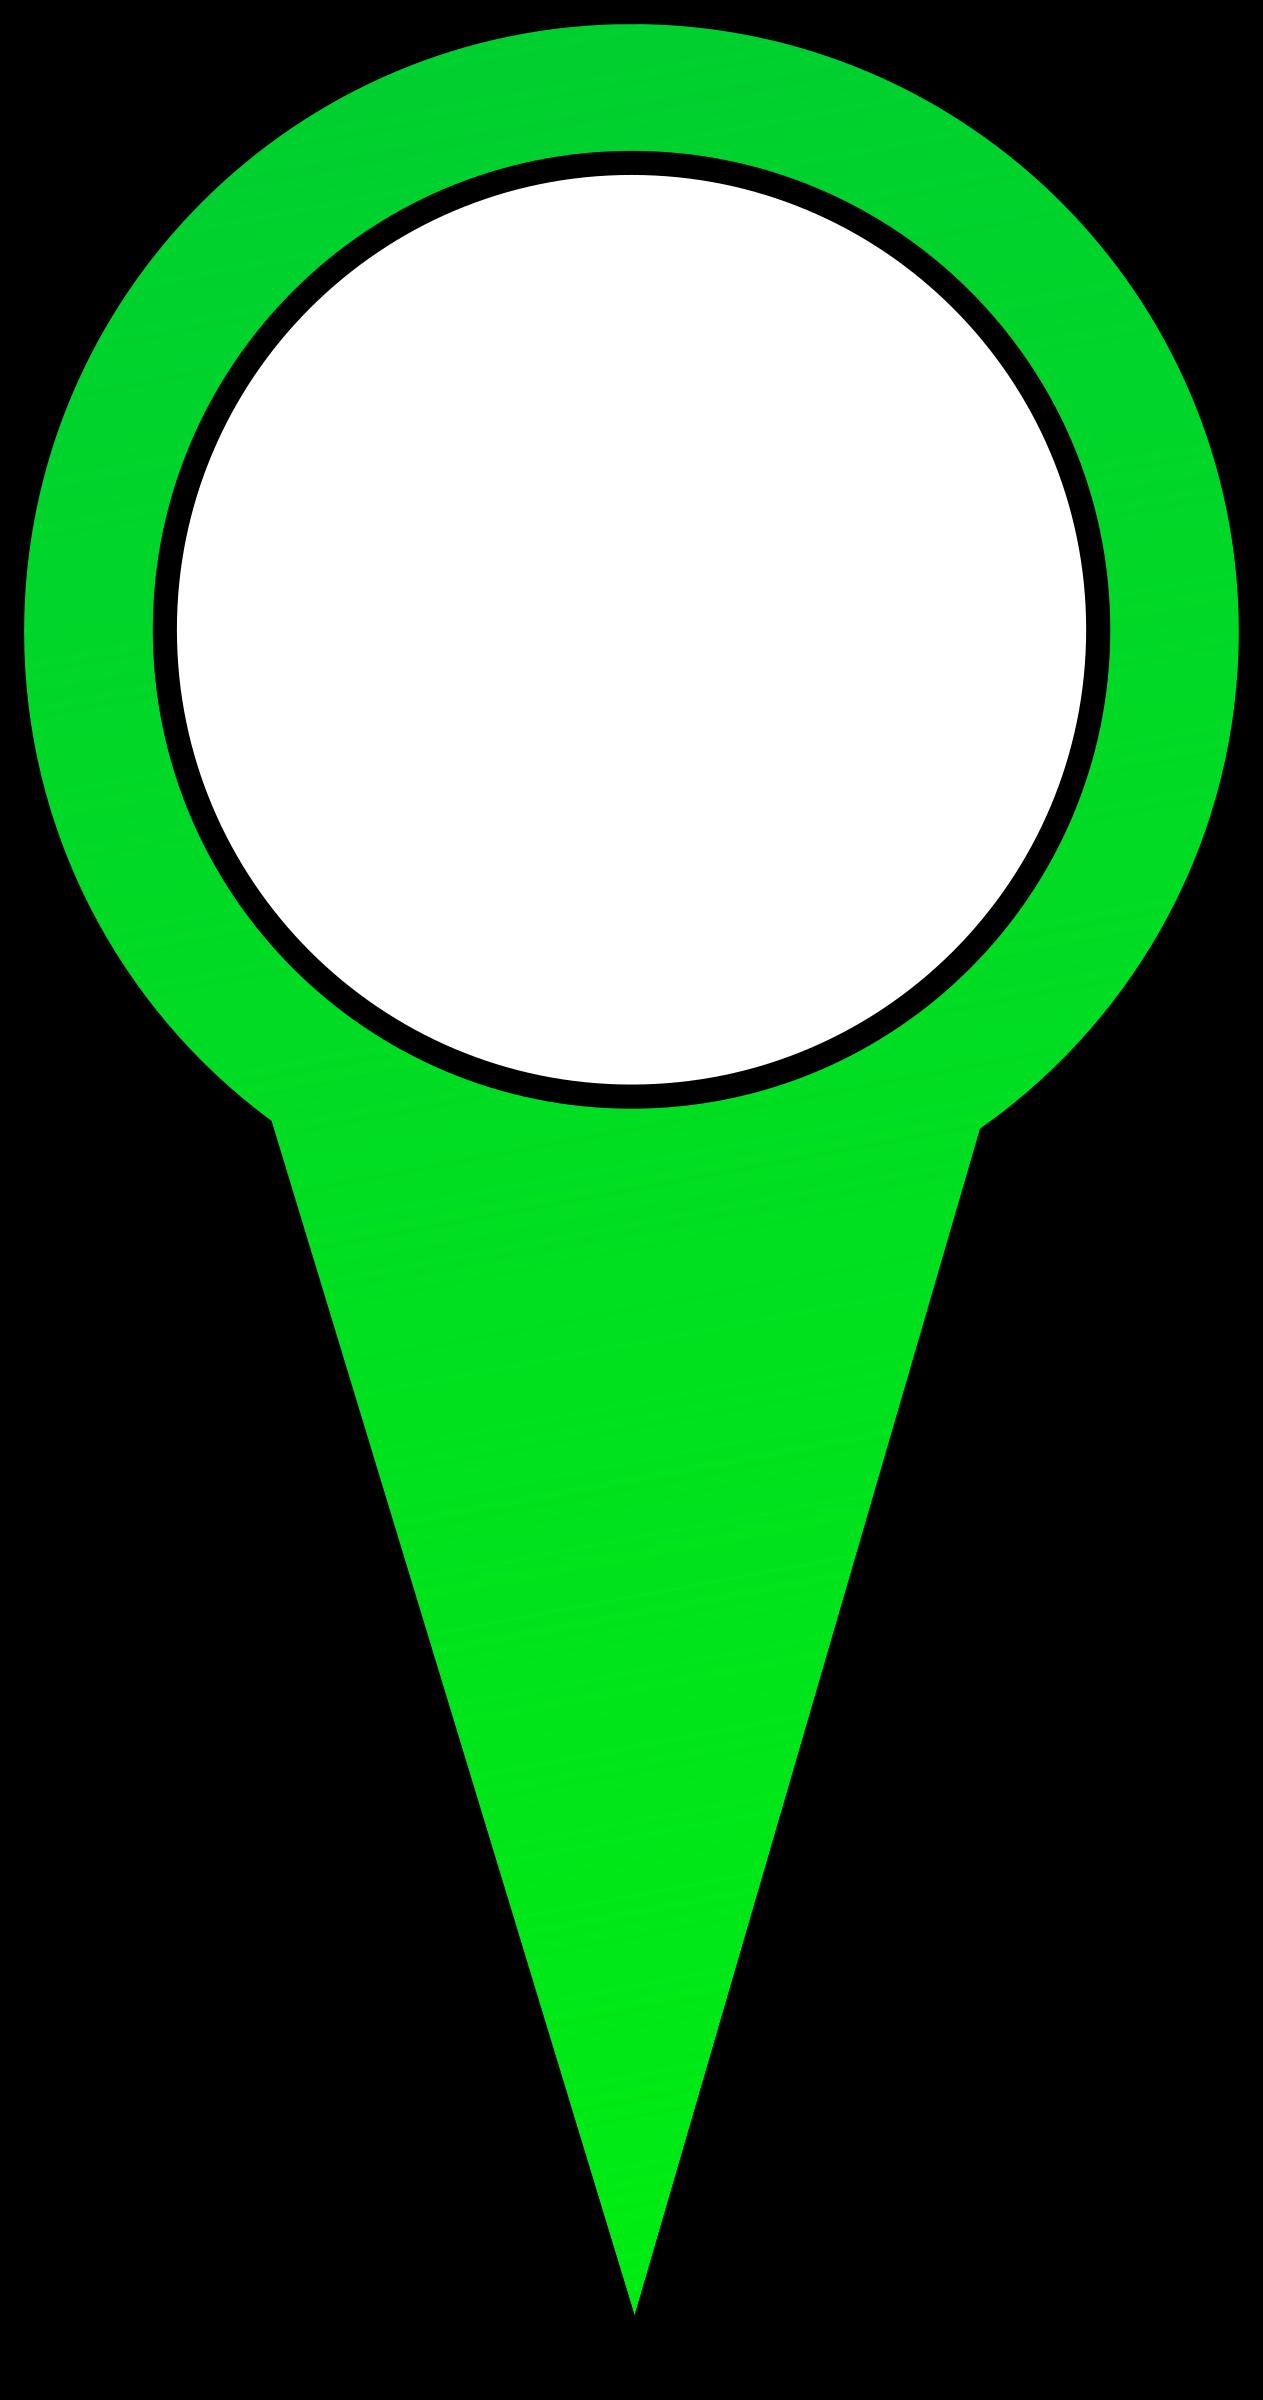 pin clipart green pin